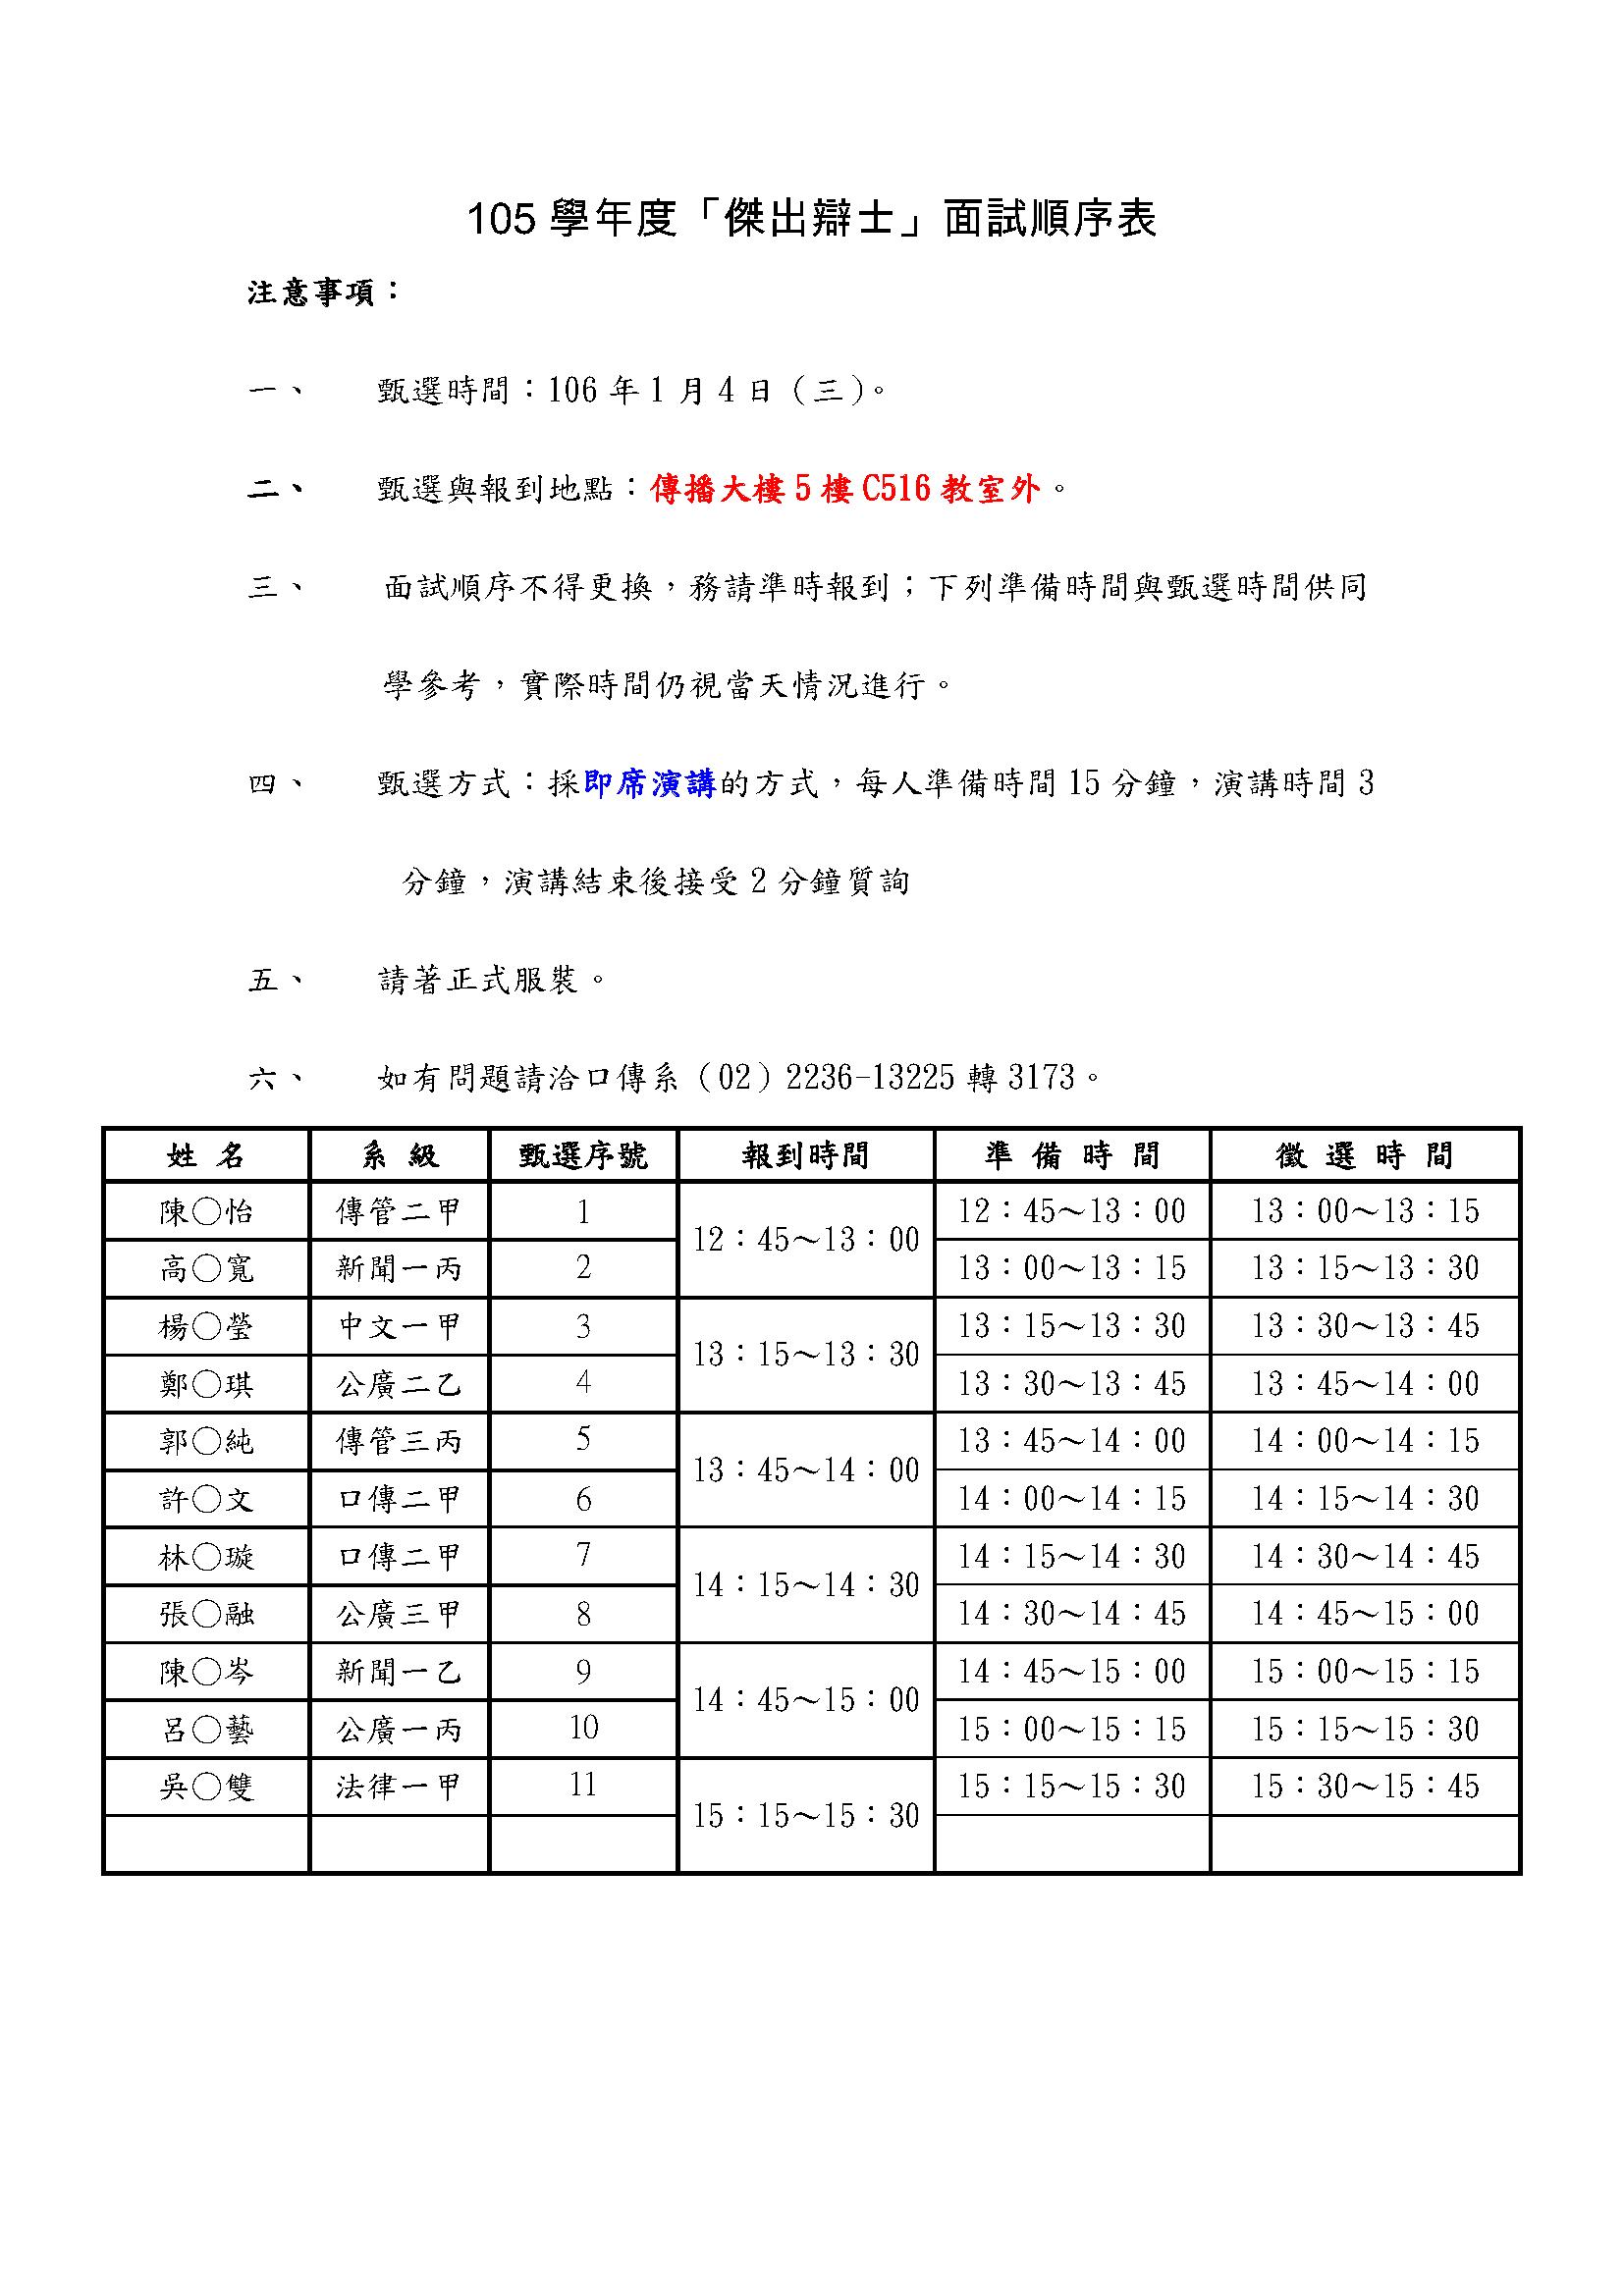 106傑出辯士甄選面試順序(含時間)